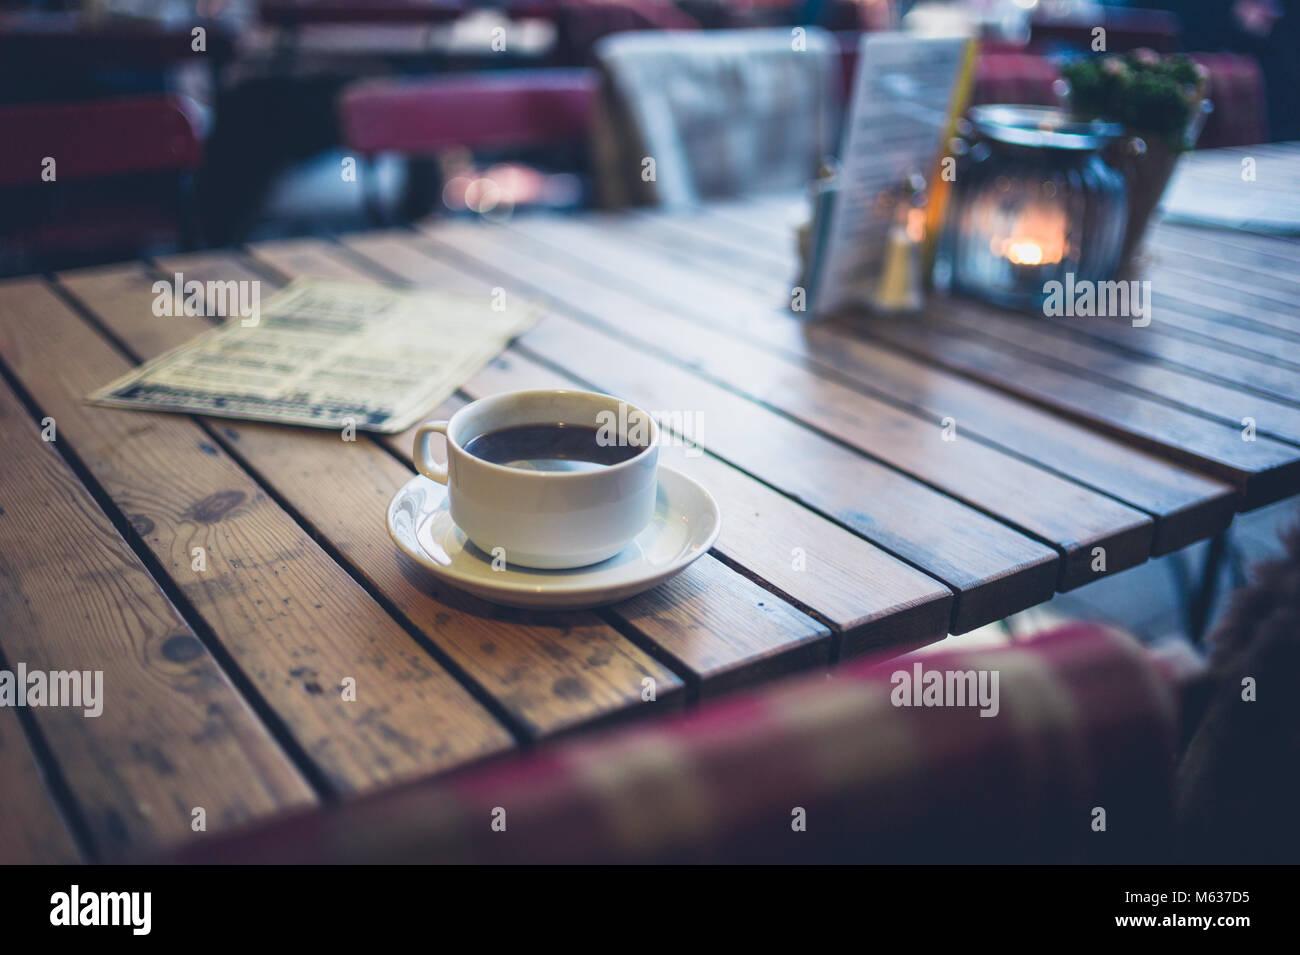 Una taza de café en una mesa en una cafetería exterior Imagen De Stock